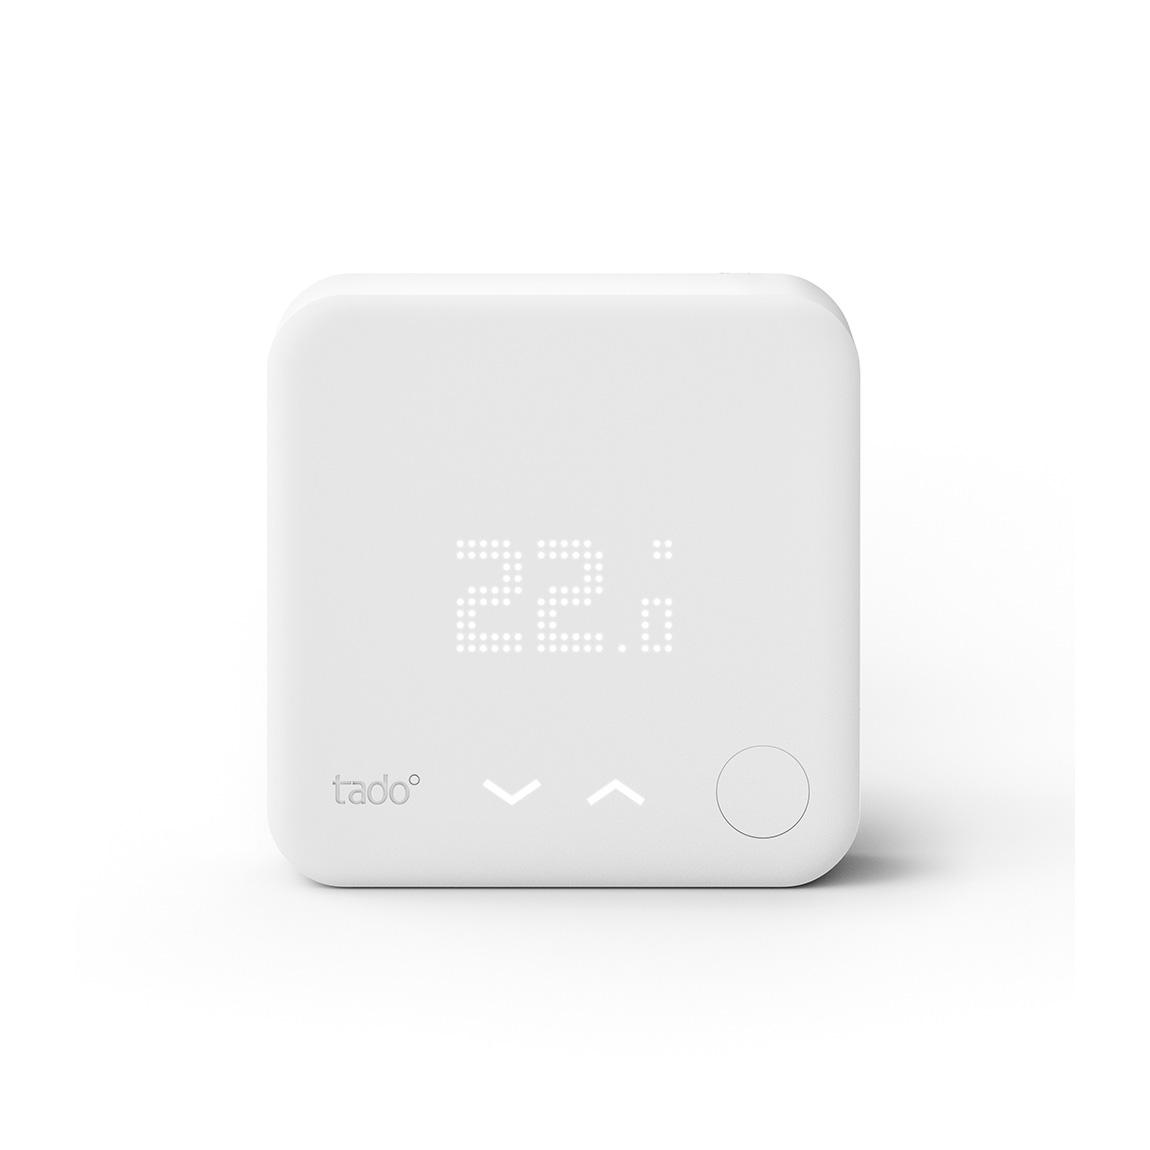 Met een extra tado° slimme thermostaat kun je bij je thuis een multizone verwarmingssysteem instellen en de ...